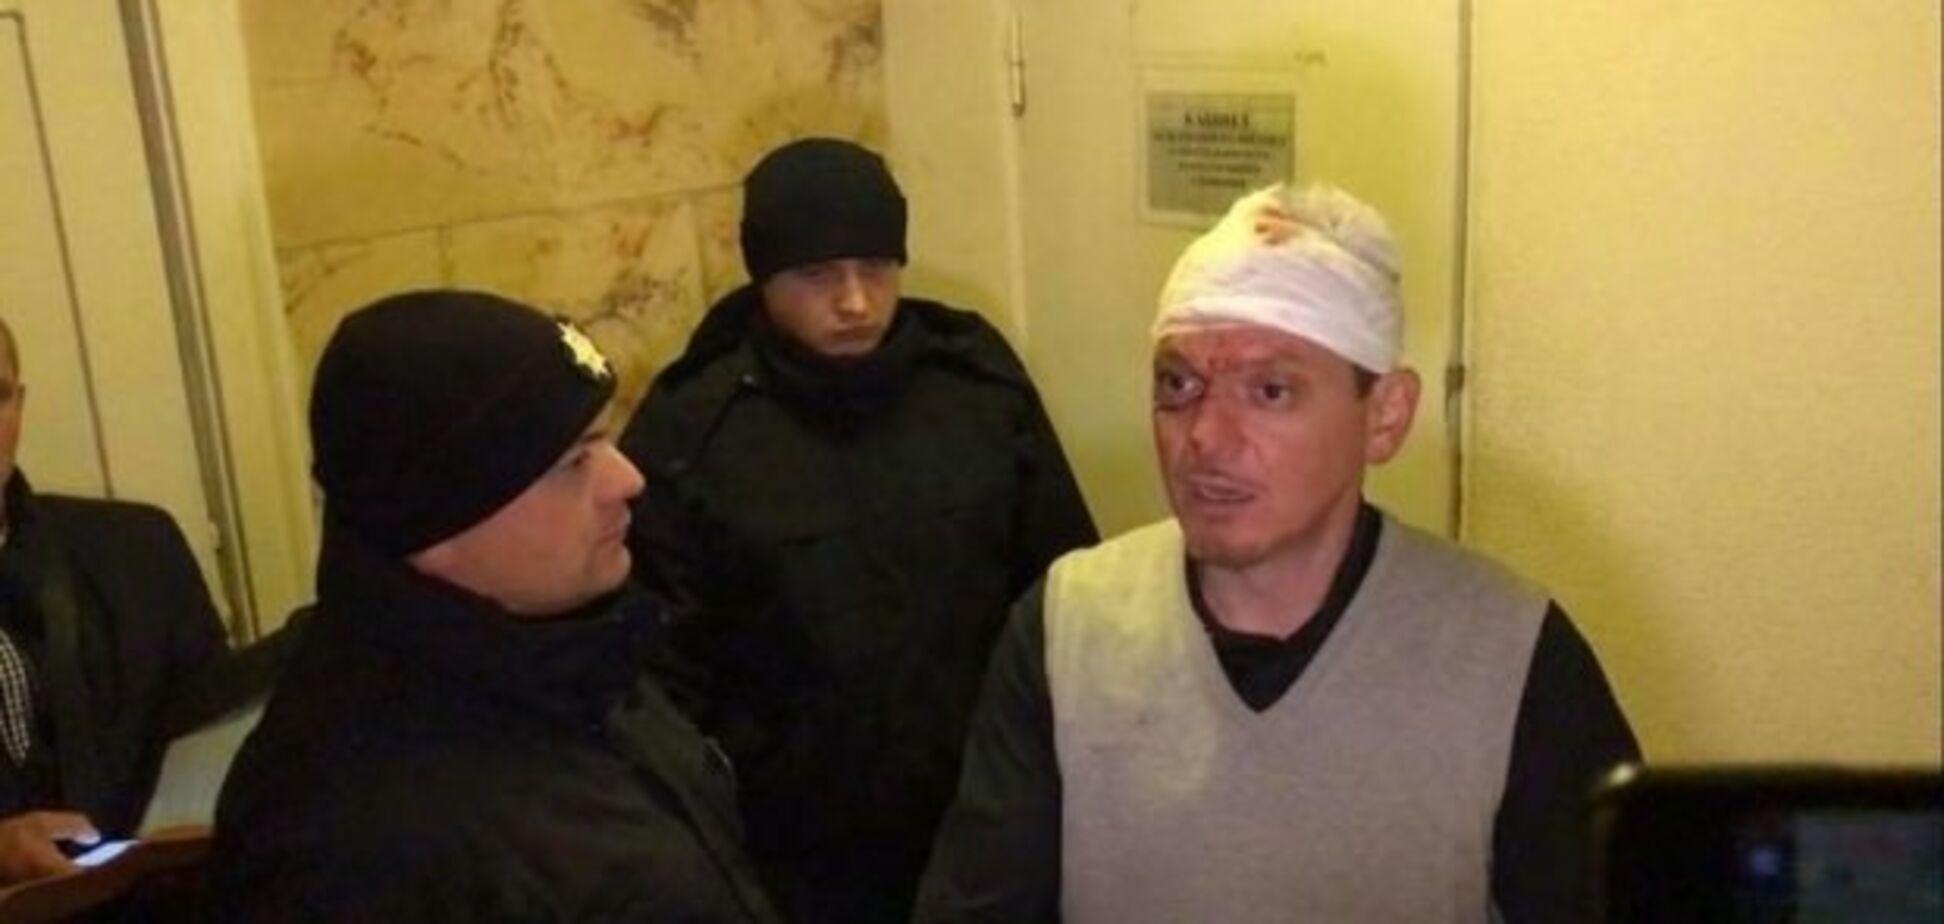 Пьяный и вооруженный: УПЦ наказала священника за масштабное ДТП